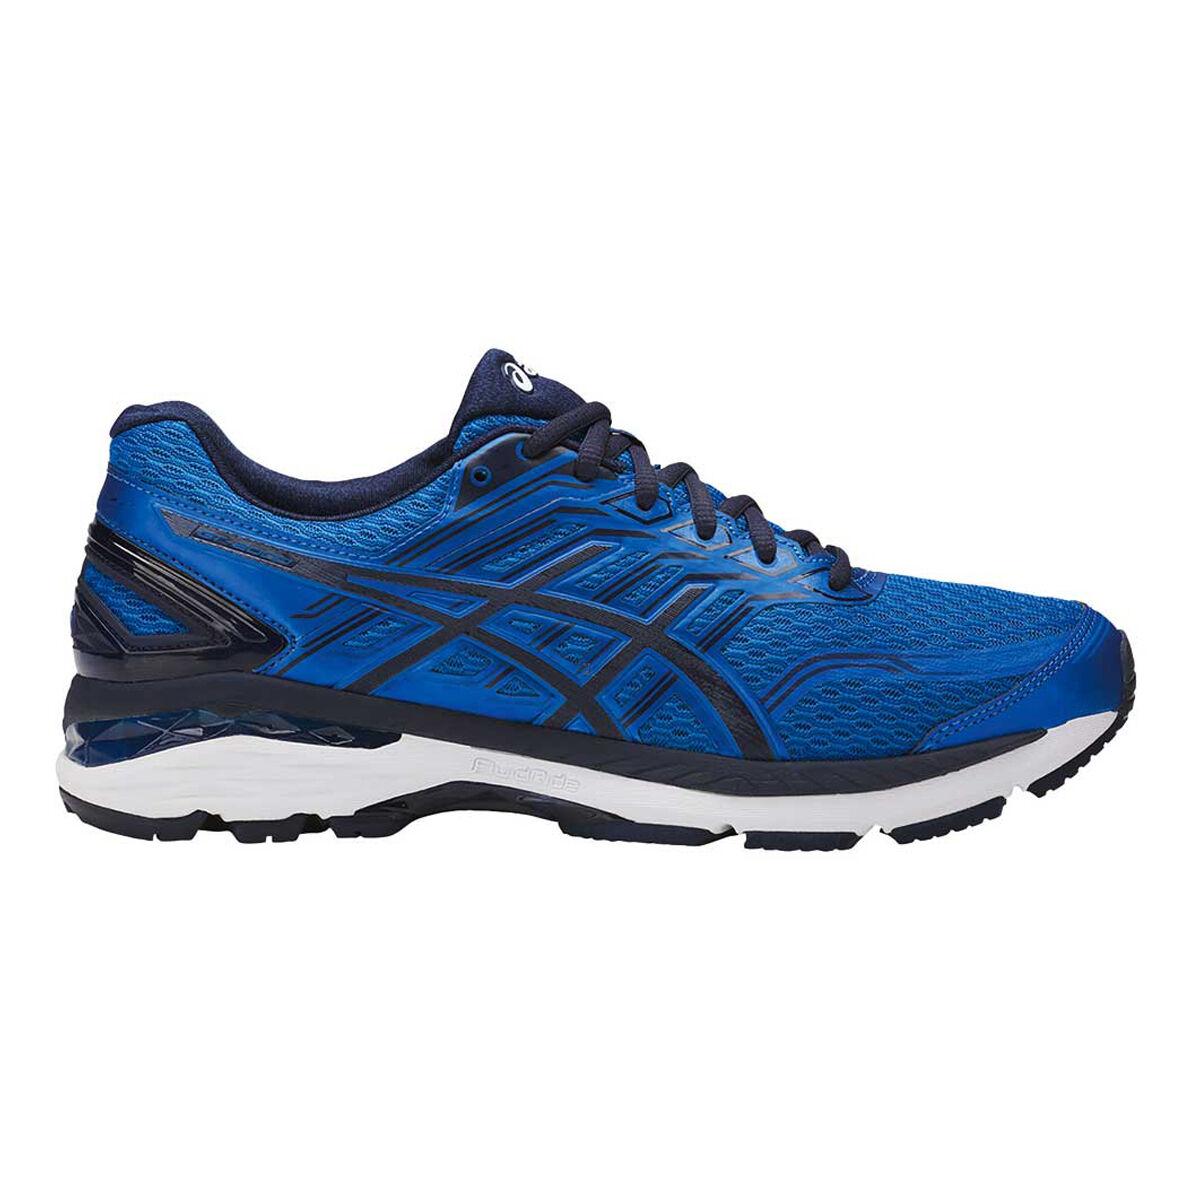 Asics GT 2000 5 2E Hommes Chaussures 2E de course US course Bleu/ Blanc US 8 | 341737d - vendingmatic.info